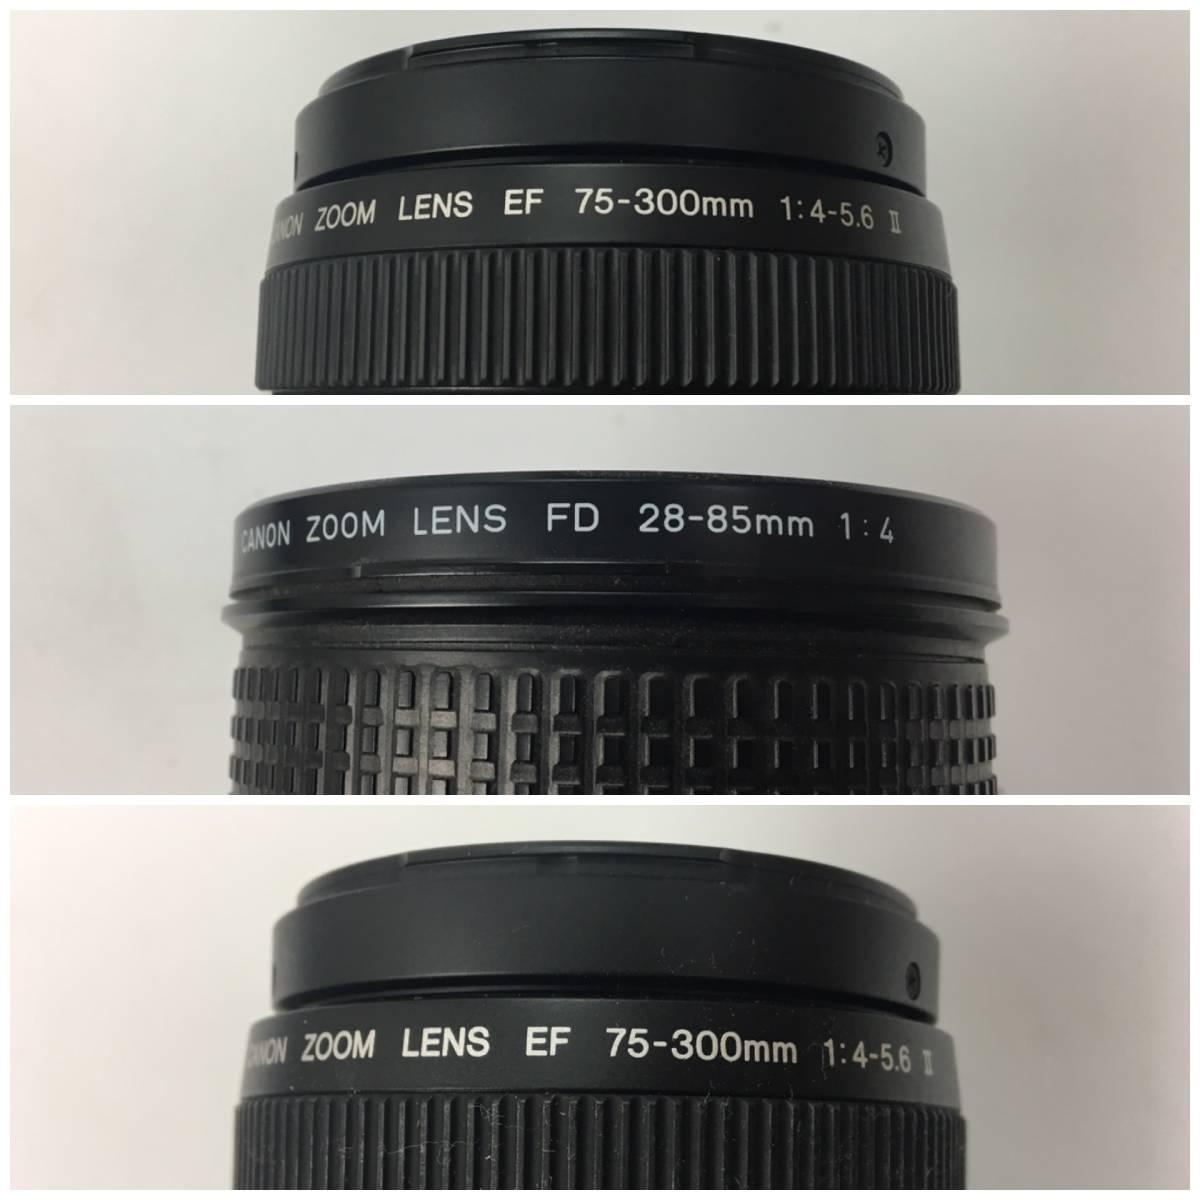 AZ-641 Cannon / キャノン デジタル一眼 カメラ レンズ アクセサリー ケース まとめて EOS kiss Ⅱ IX50 FD200㎜ Canon 100mm f3.5_画像3